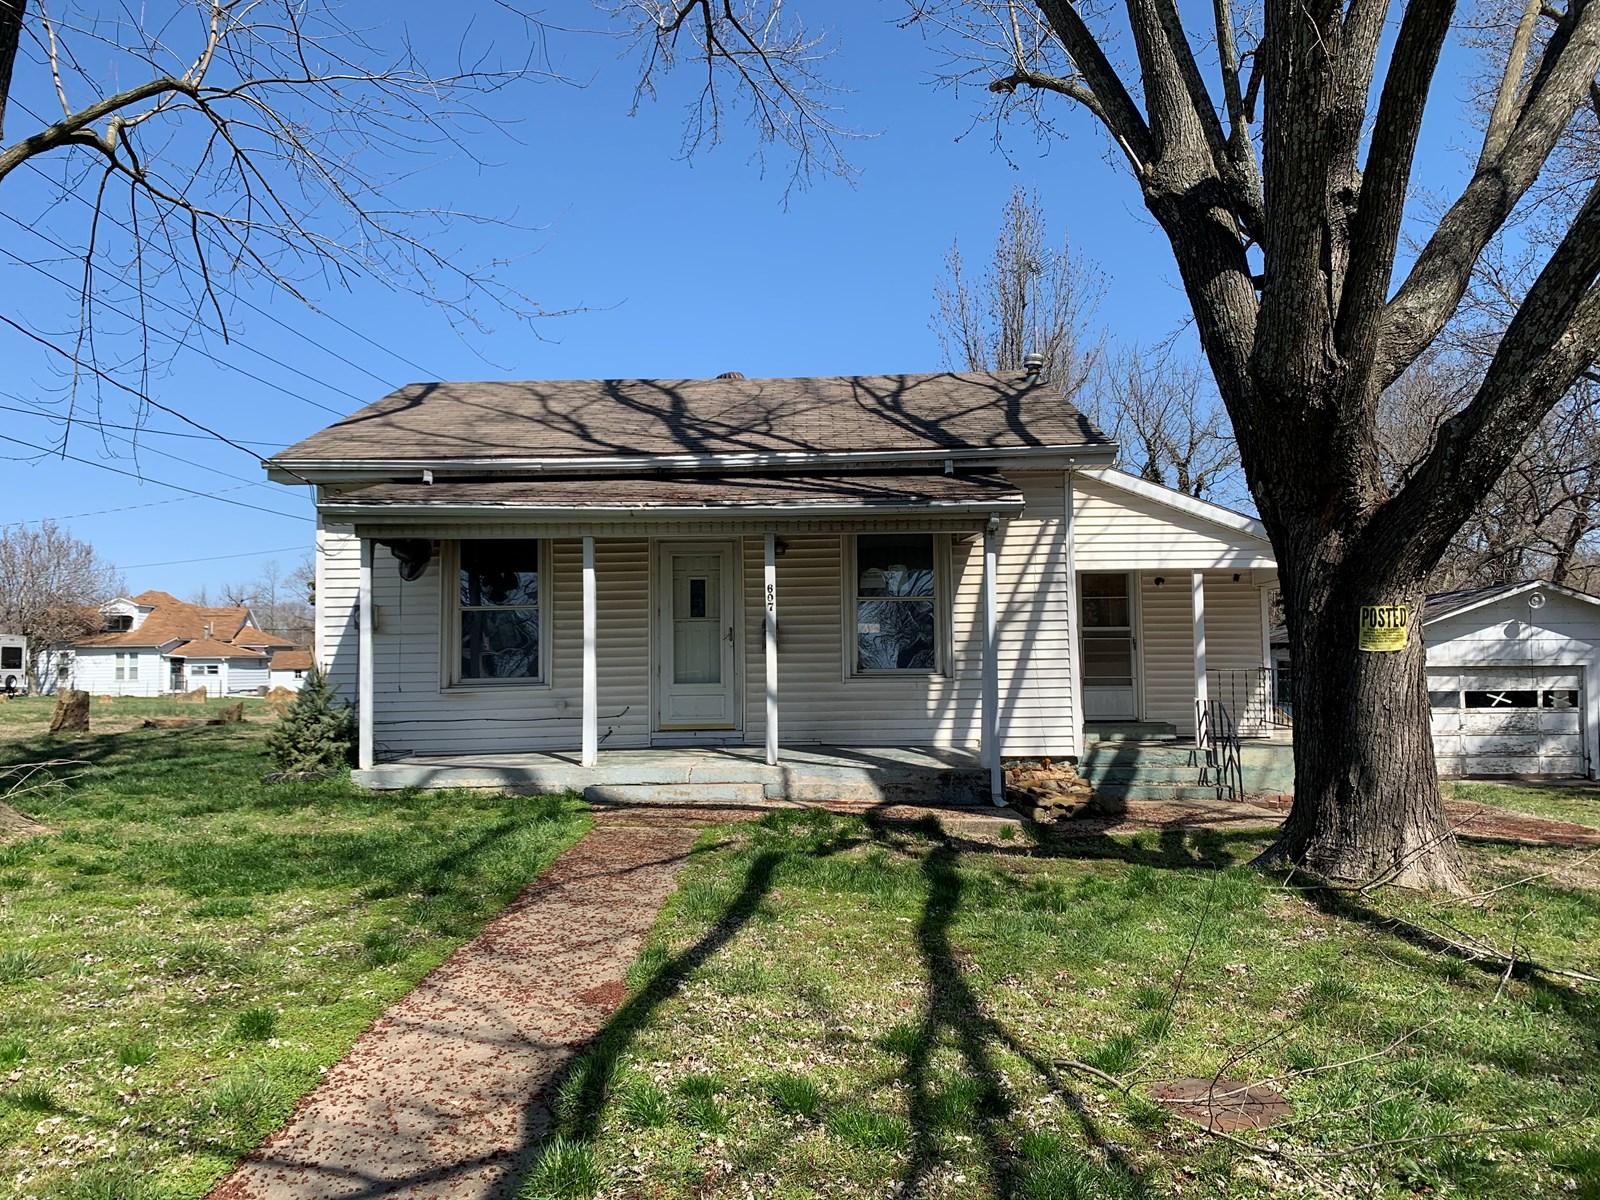 El Dorado Springs Missouri Home in Town for Sale